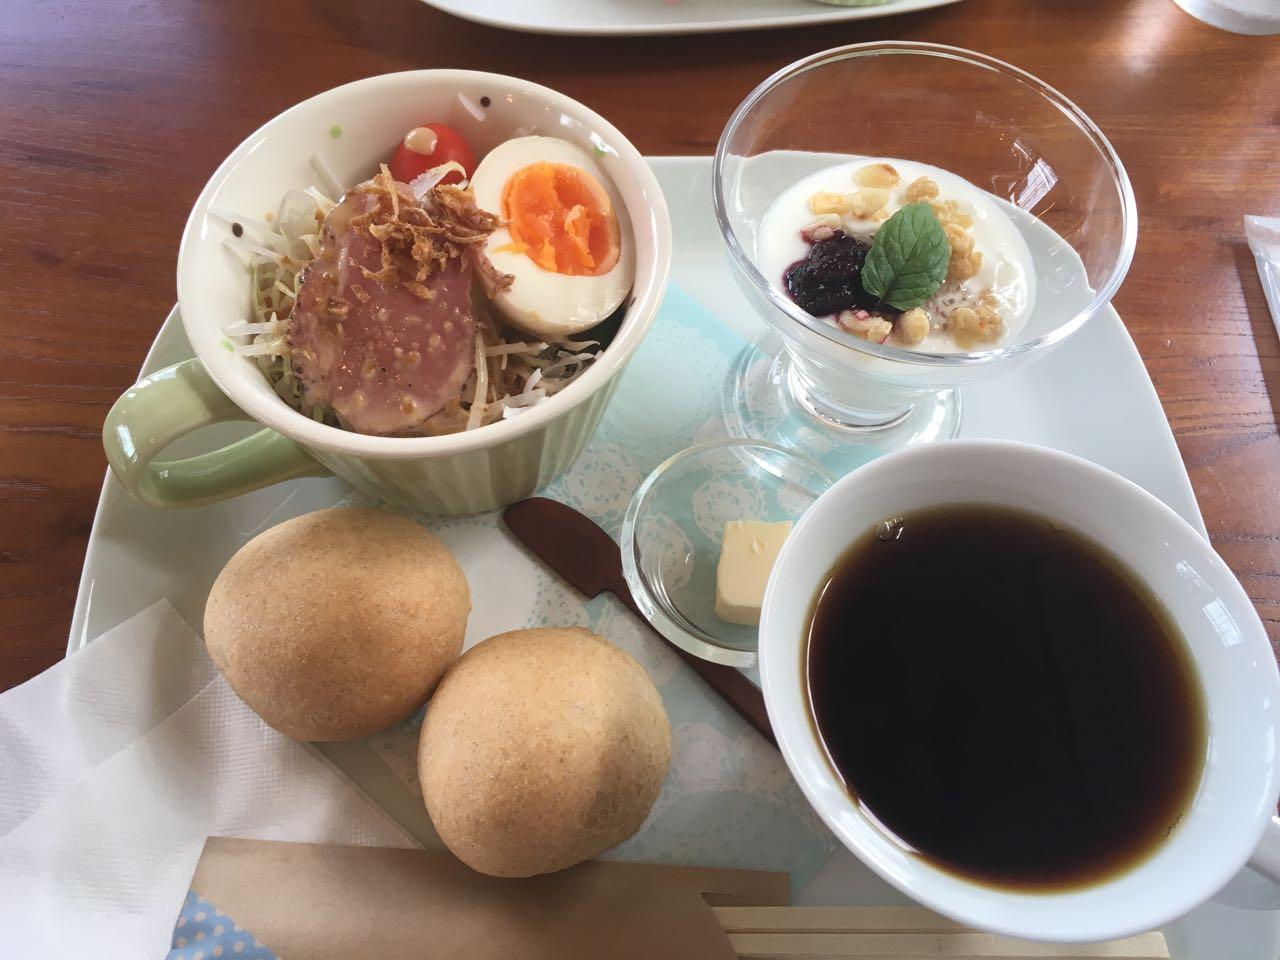 みとん今治,プチマンマ,puchimamma,松木,カフェ